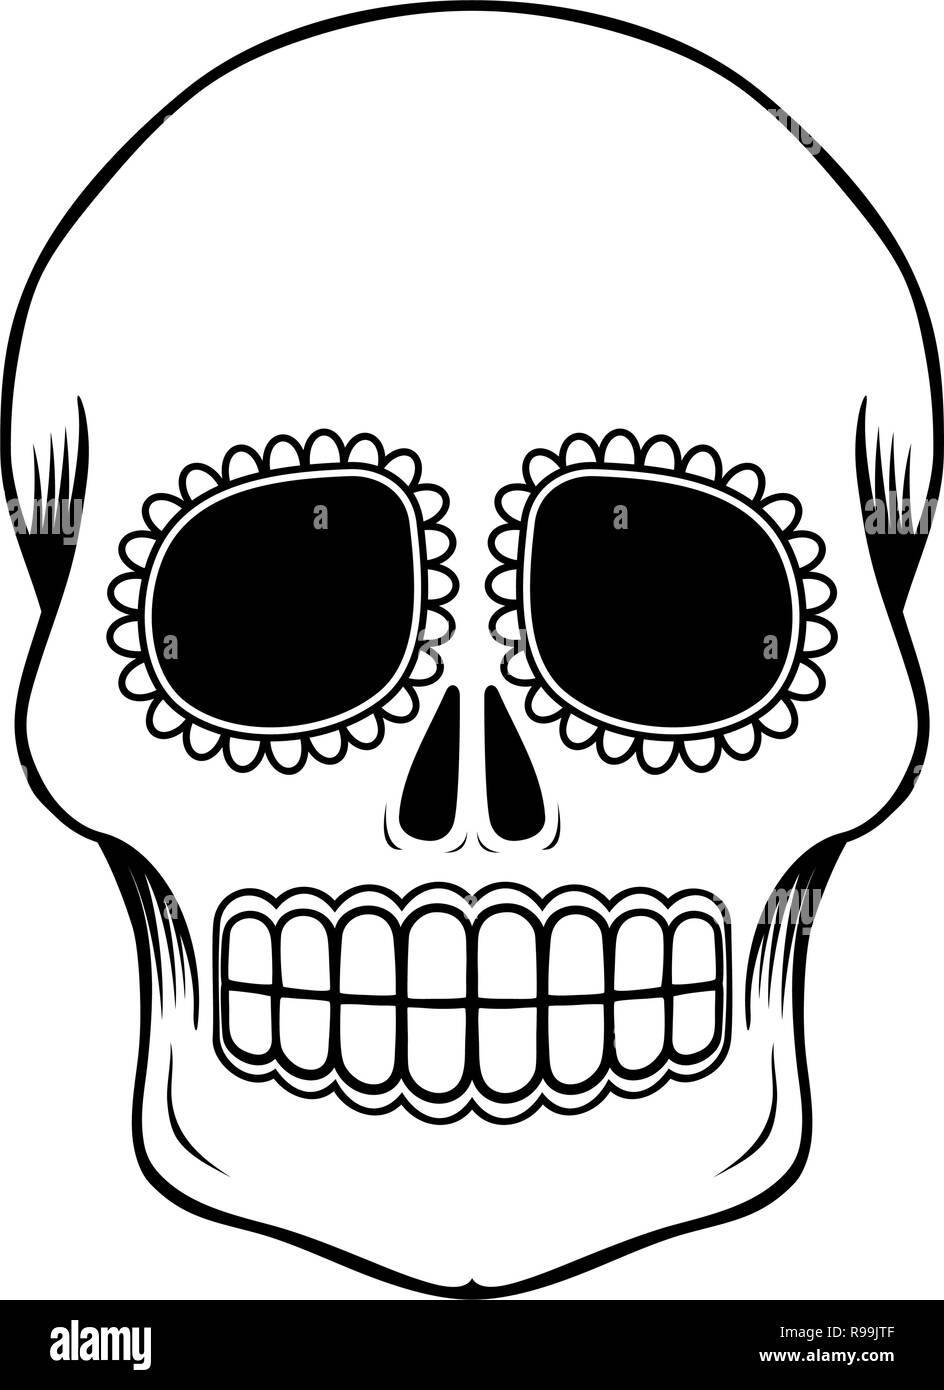 Mexican Sugar Skull Imágenes De Stock & Mexican Sugar Skull Fotos De ...